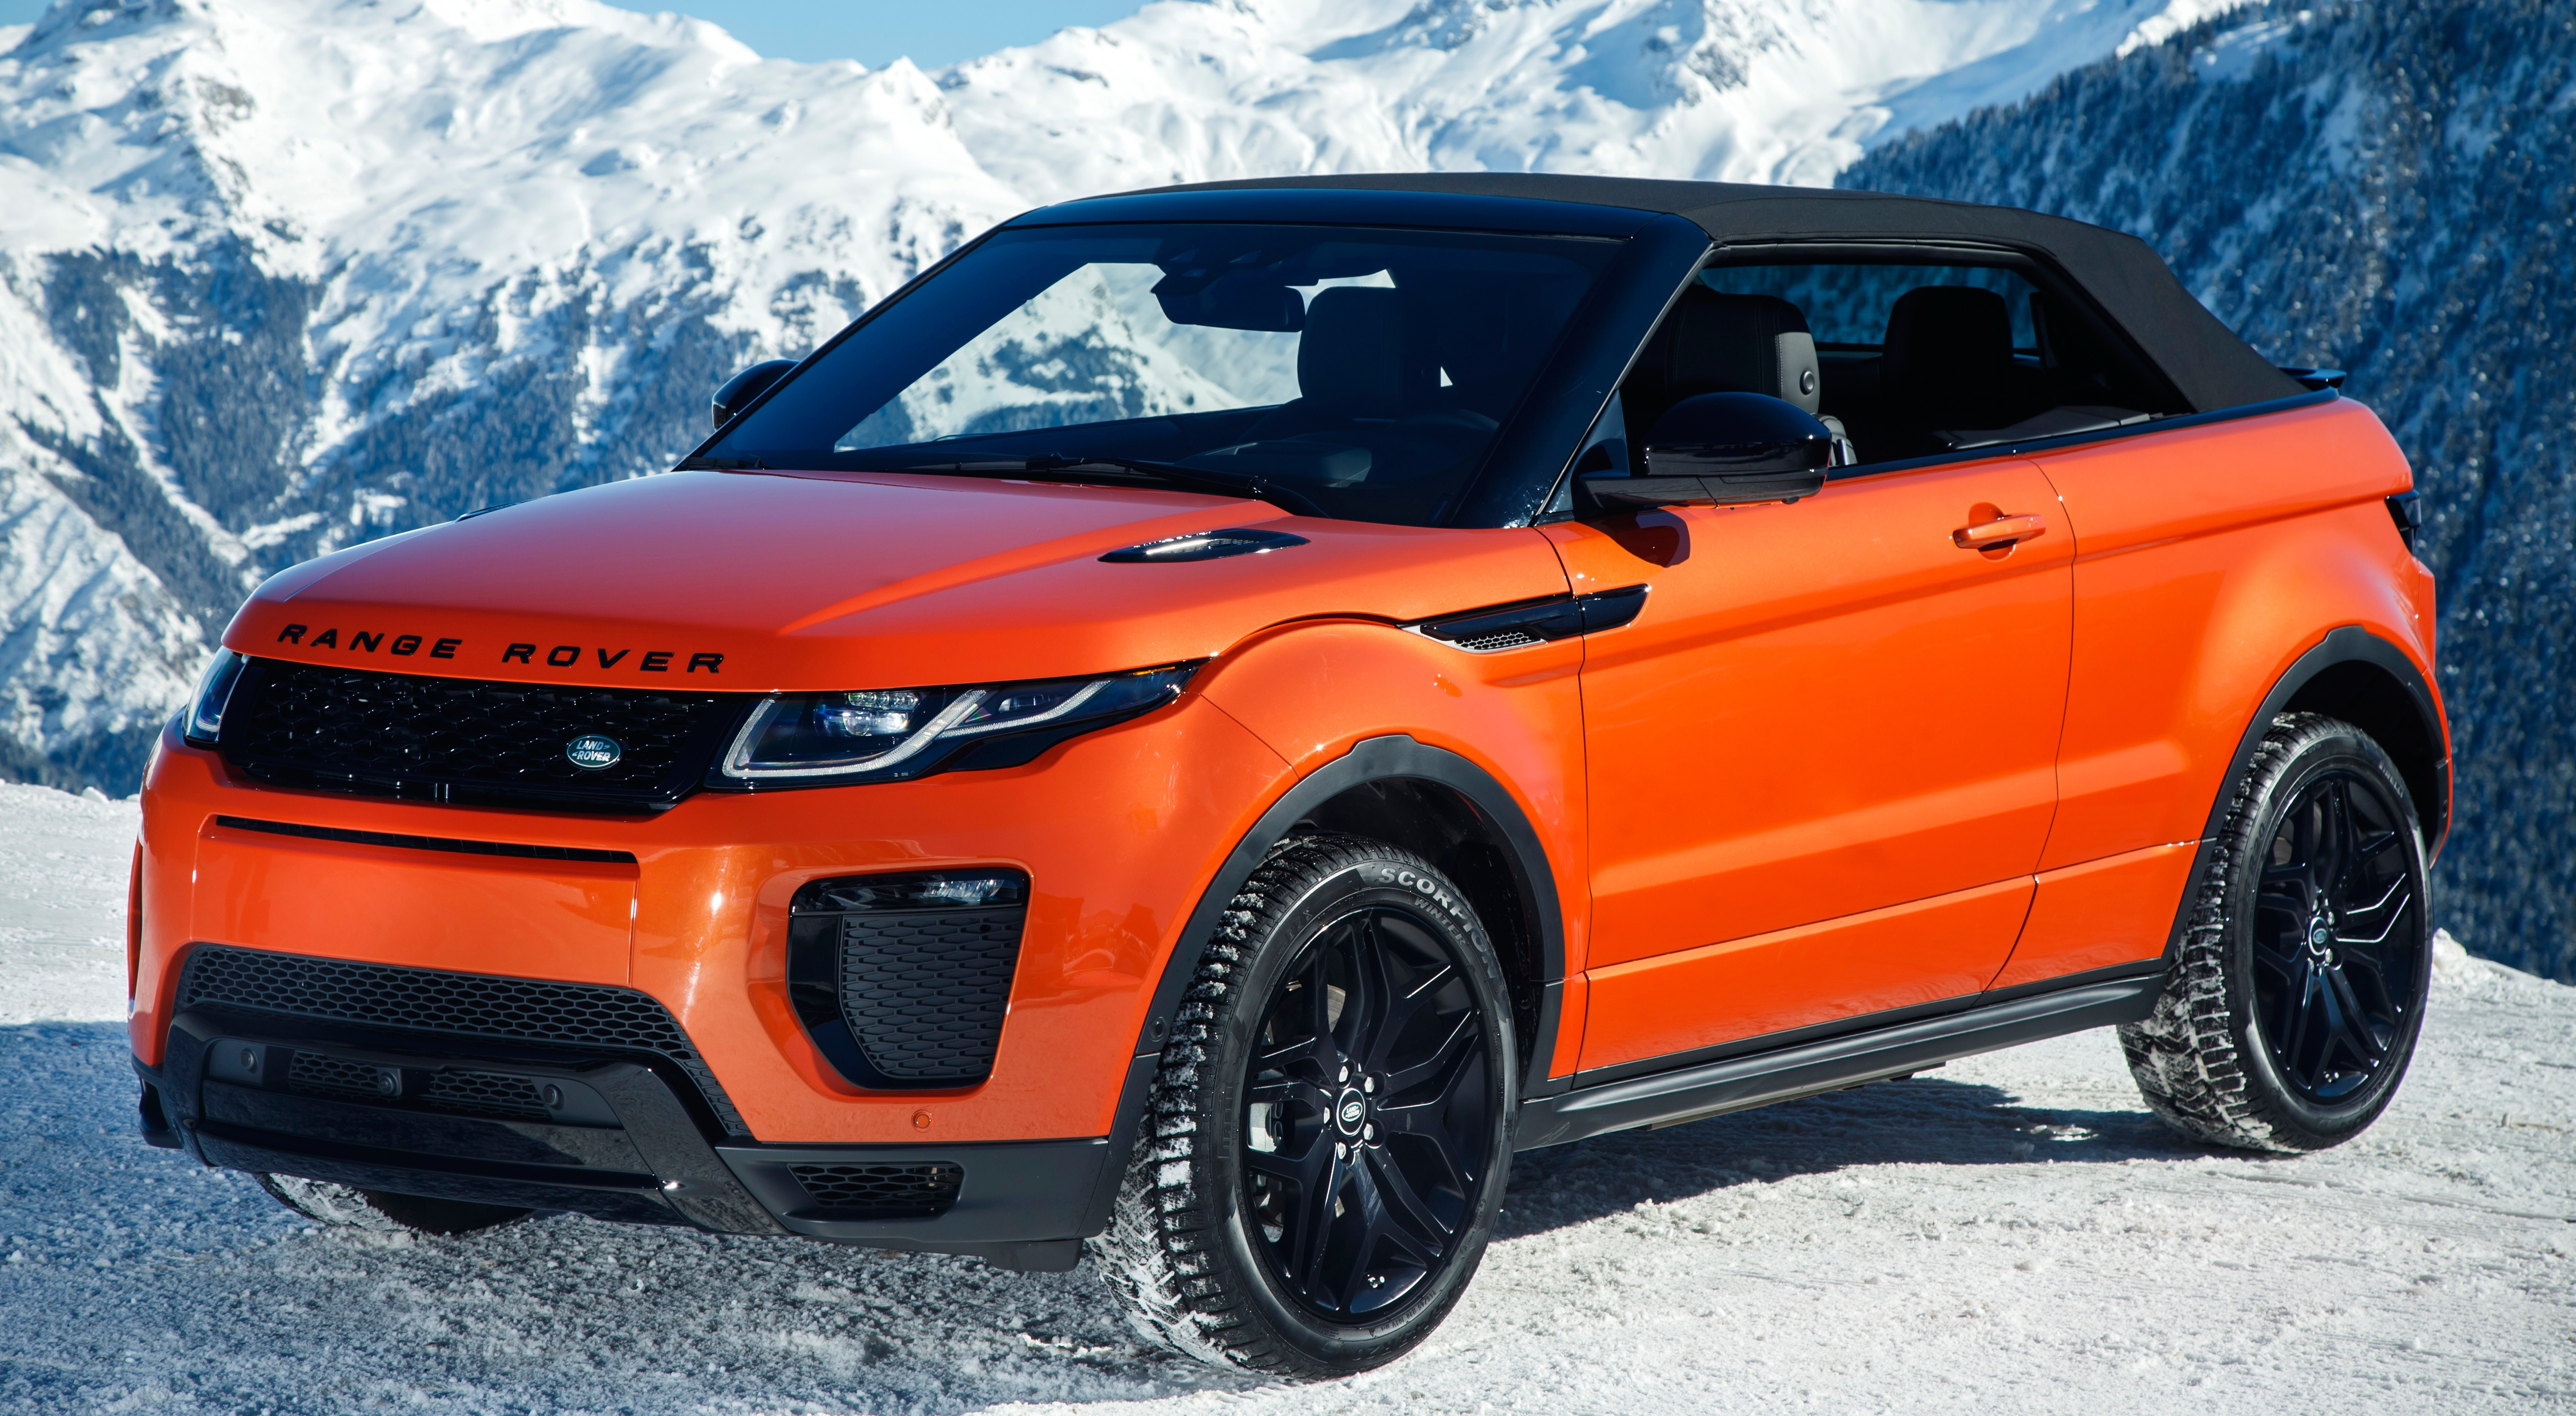 Обои для рабочего стола Land Rover Кроссовер Evoque, Convertible HSE Dynamic, 2016 оранжевая машина Металлик 5120x2815 Range Rover CUV Оранжевый оранжевые оранжевых авто машины Автомобили автомобиль